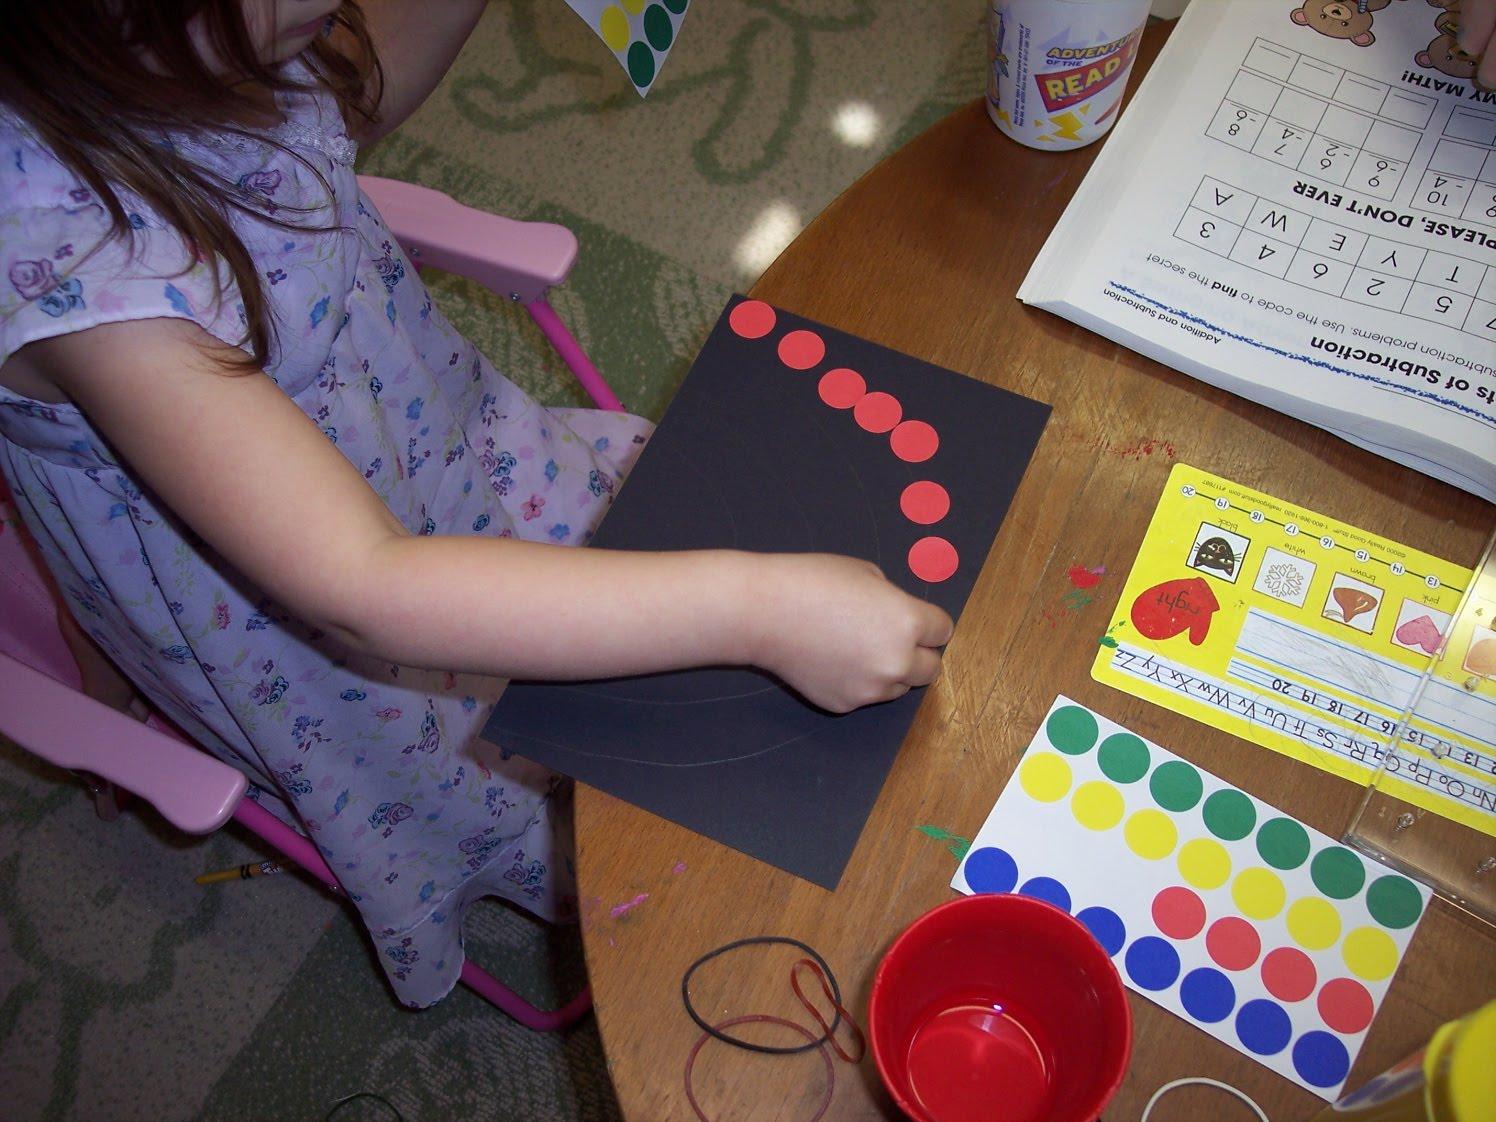 noah u0027s ark crafts u0026 activities for kids kids activities saving